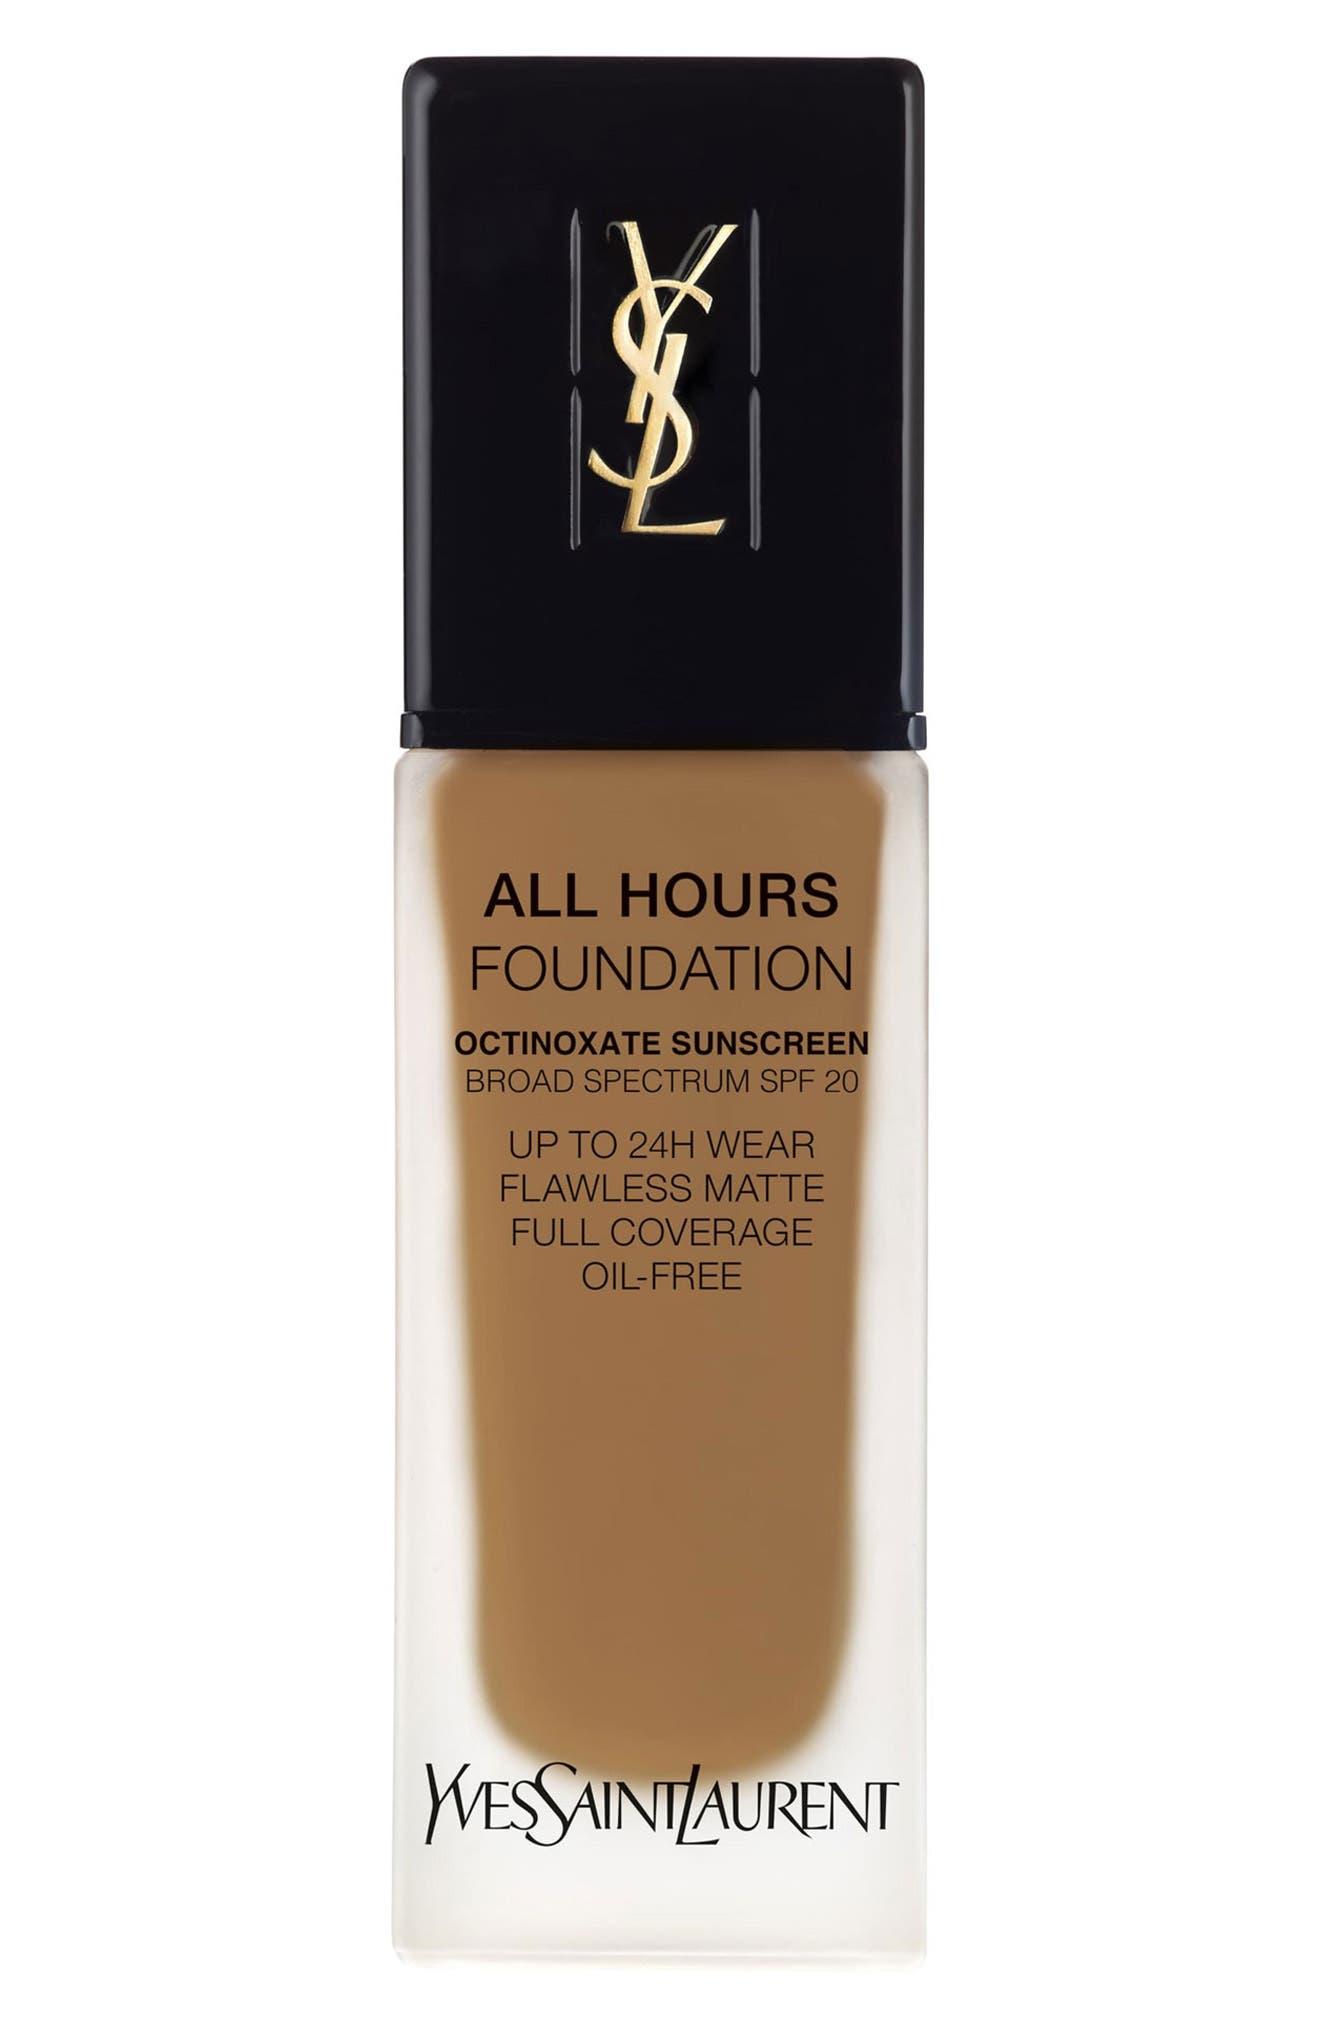 Yves Saint Laurent All Hours Full Coverage Matte Foundation Spf 20 - Br75 Cool Hazelnut